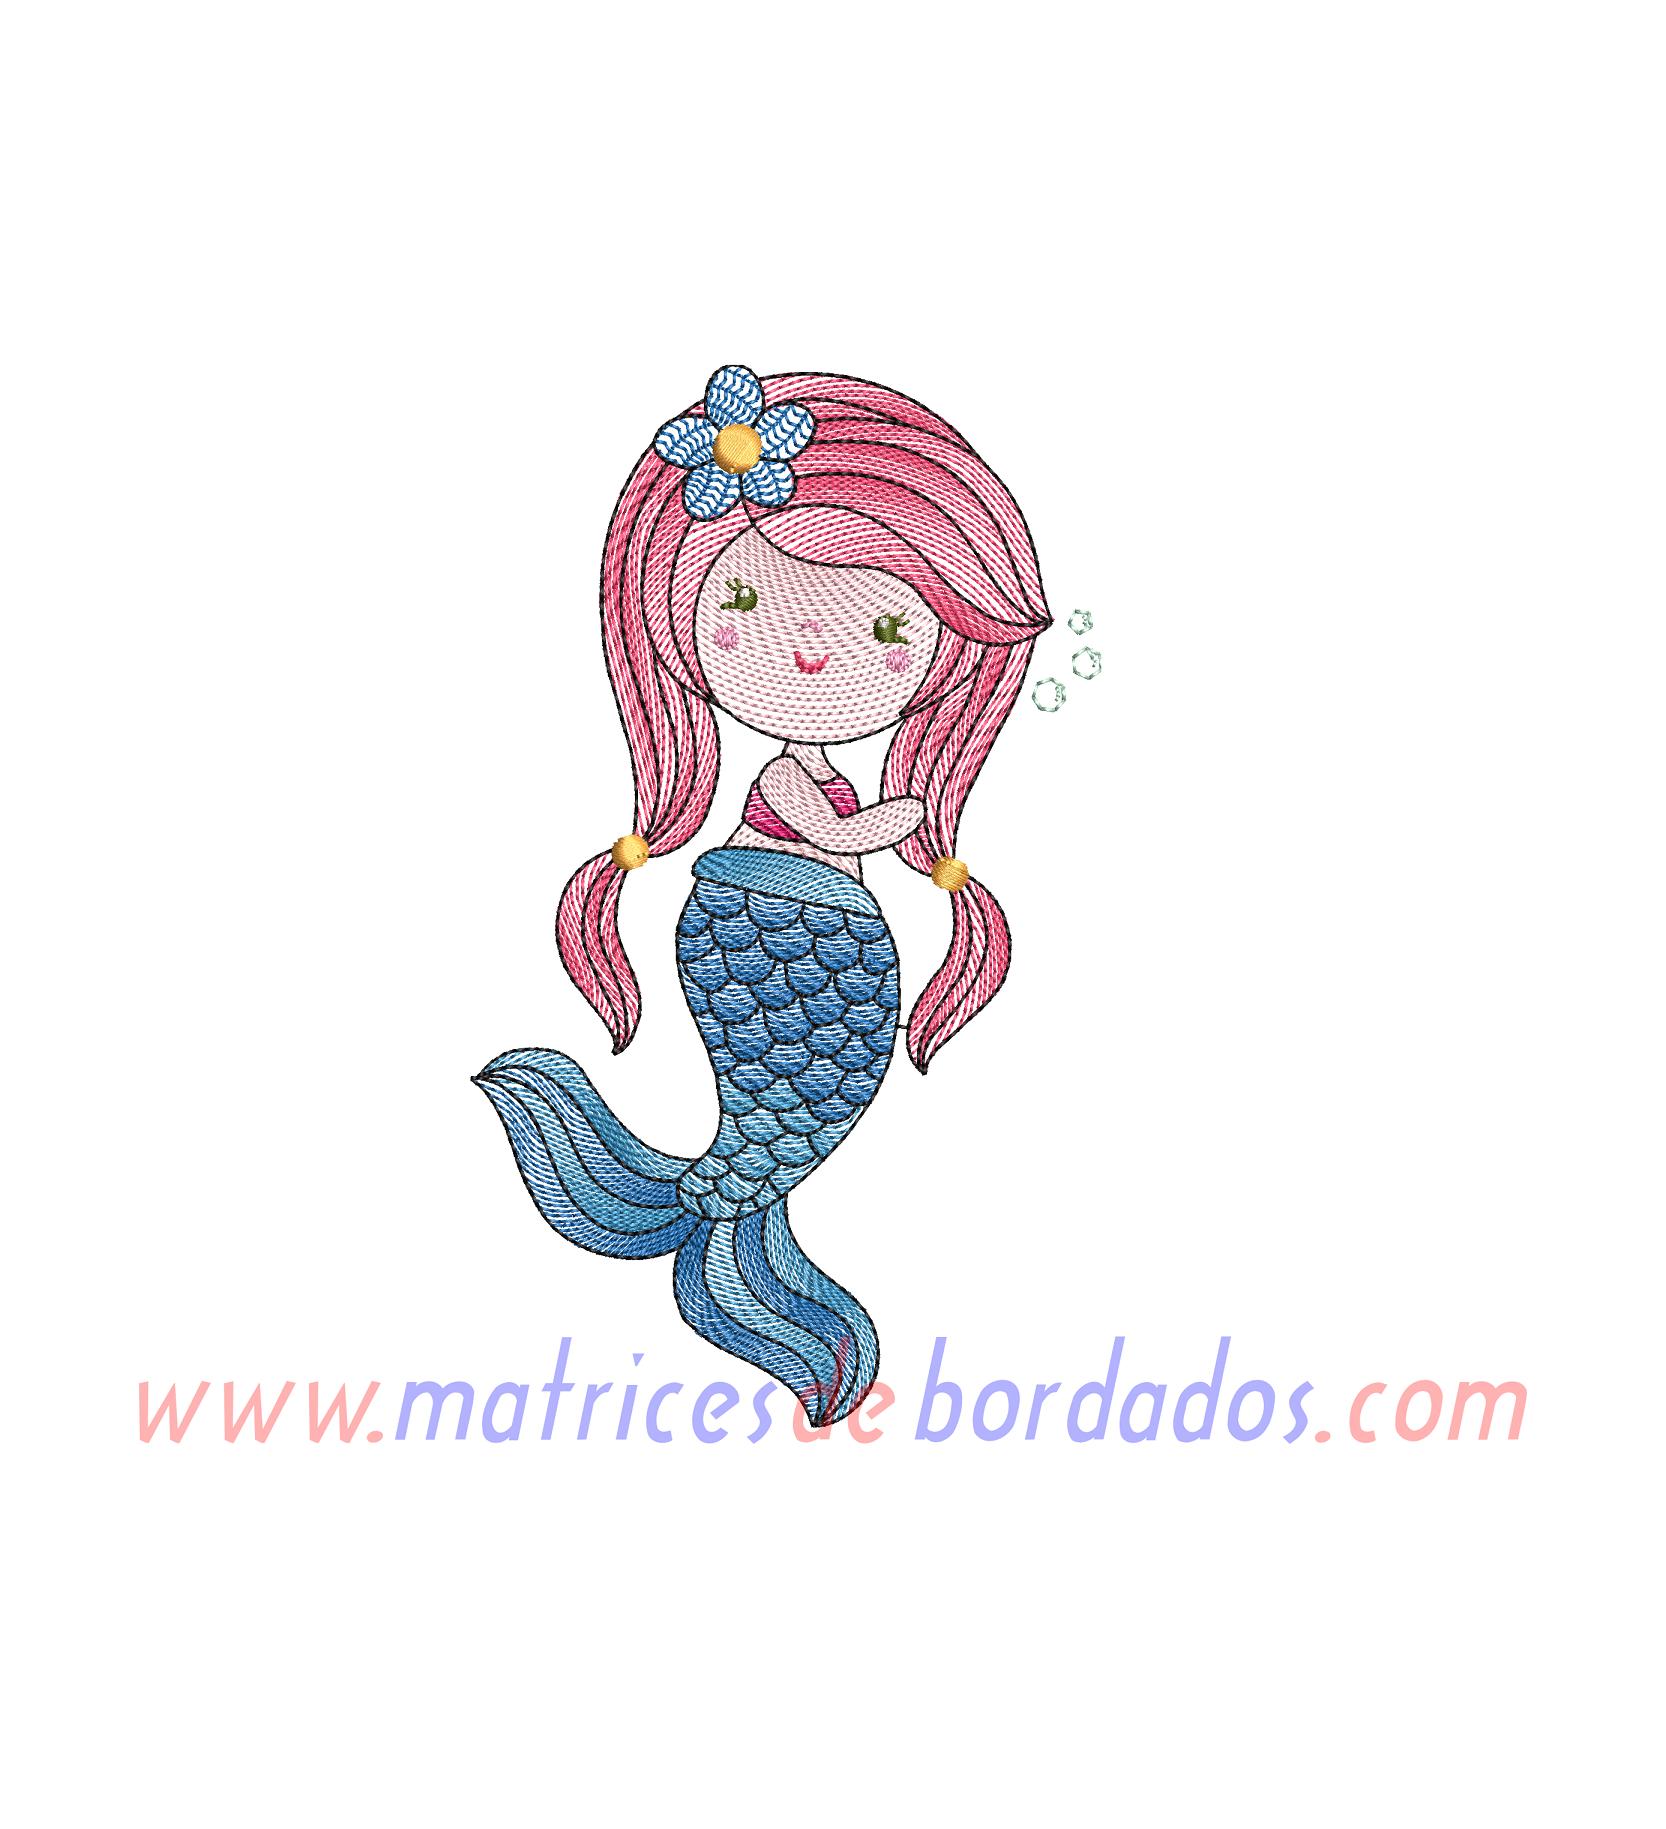 WD51NG - Sirena